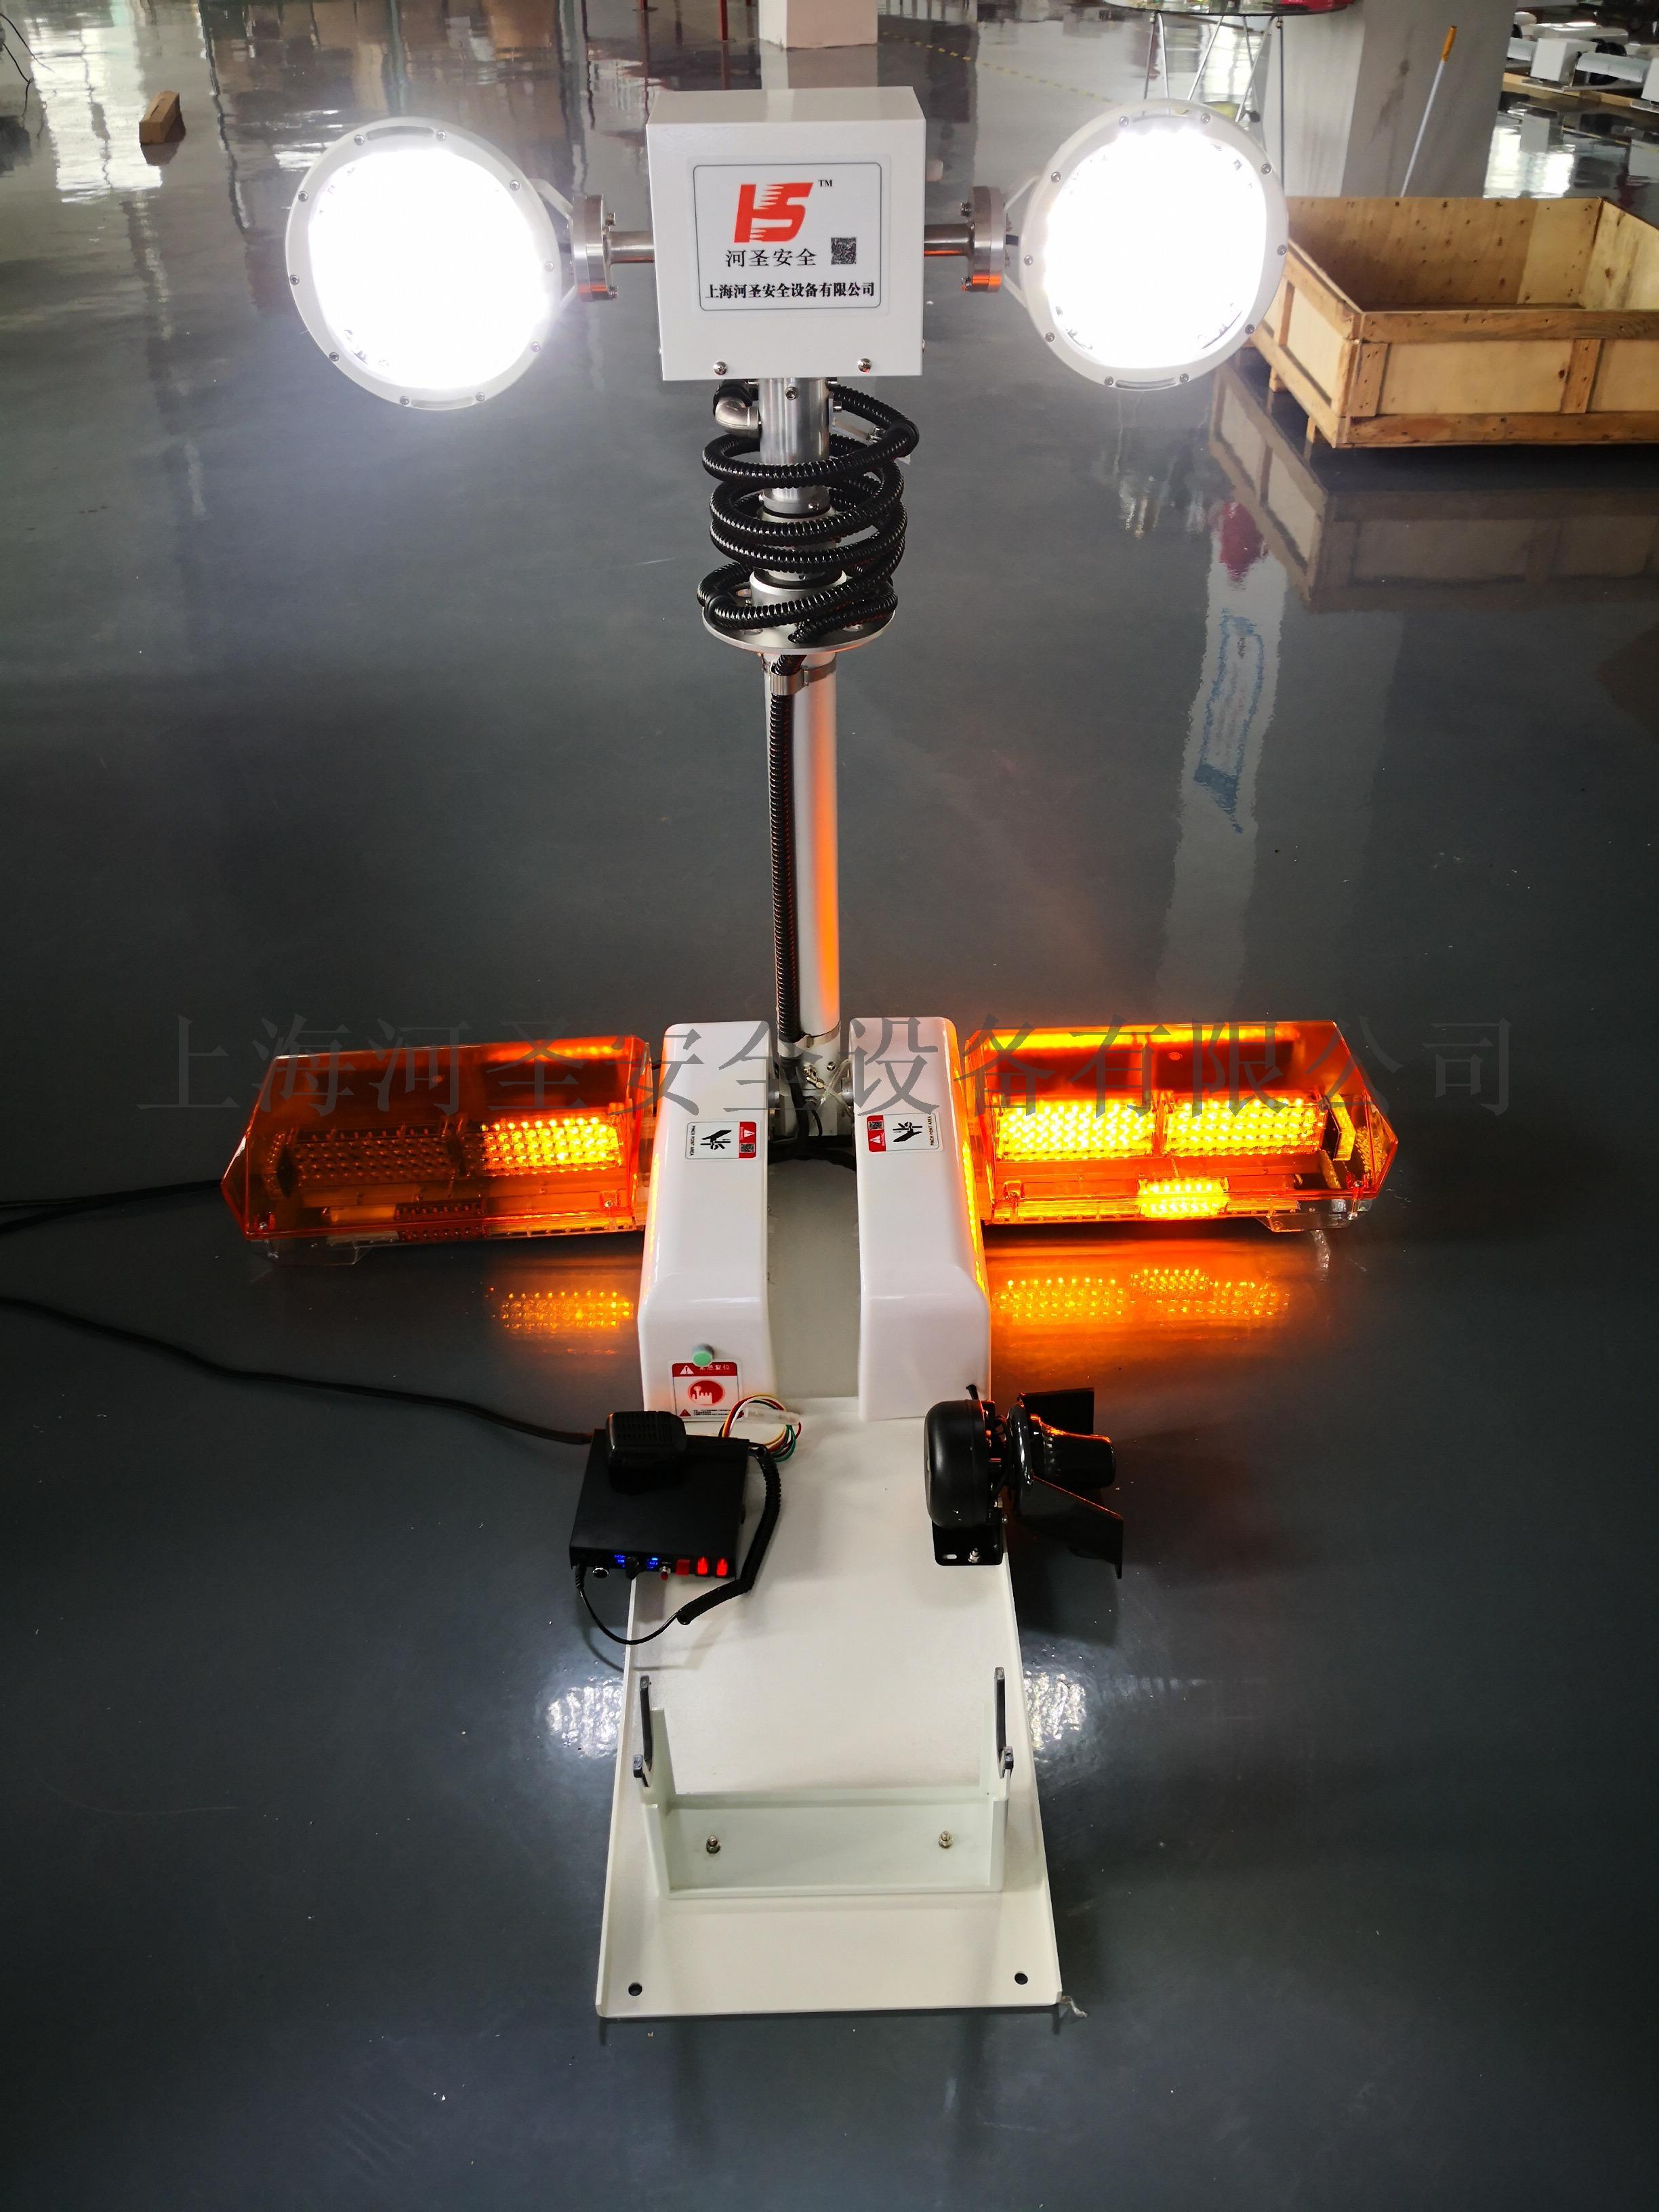 攜帶型移動照明燈,車載移動照明設備,移動照明燈89245302